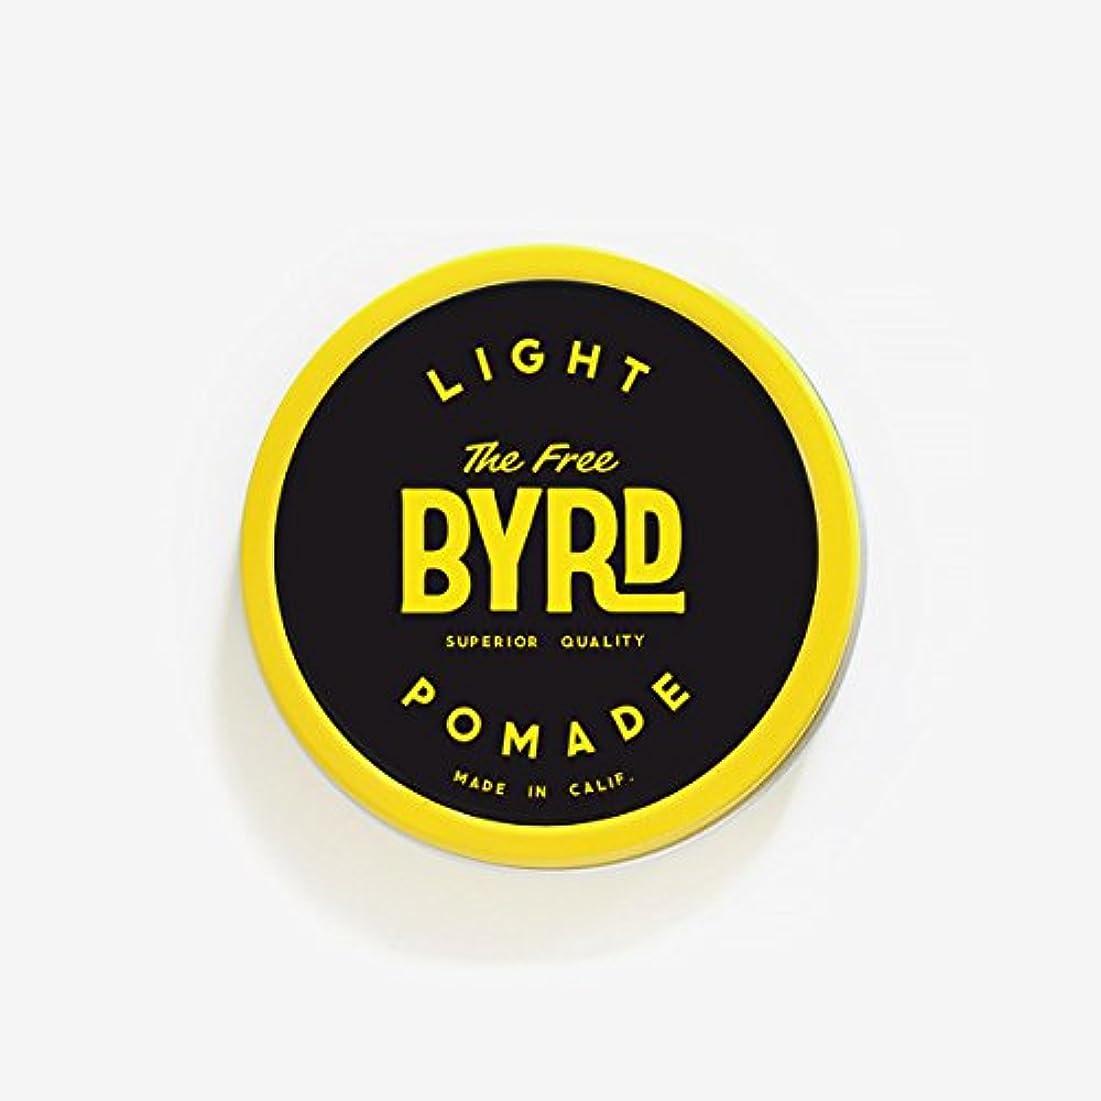 コンパニオン転送装備するバード(BYRD) カリフォルニア発ポマード288 LIGHT POMADE SMALL(スモールサイズ)ライトスタイルヘアワックスヘアスタイリング剤耐水性香料メンズ/レディース 【LIGHT】SMALL